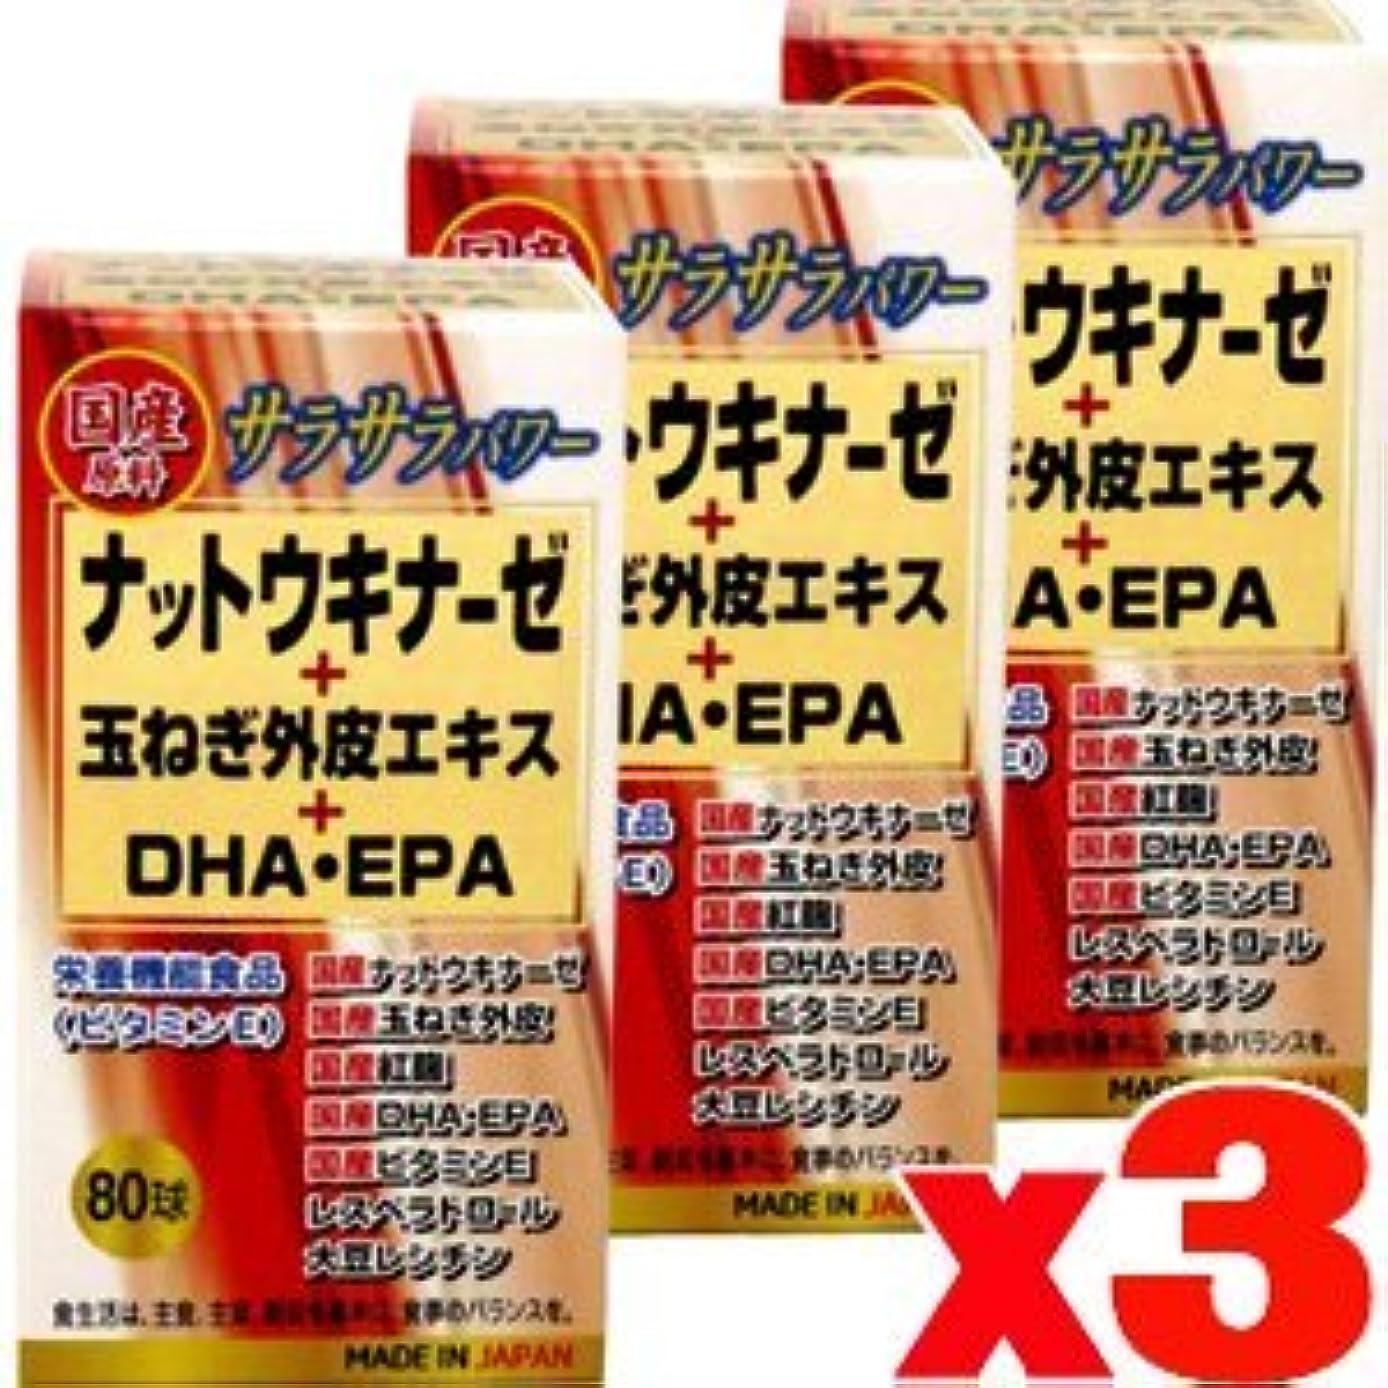 期待する番号オリエンタル【3個】ユウキ製薬 ナットウキナーゼ+玉ねぎ外皮エキス+DHA?EPA 80球x3個(4524326202109)